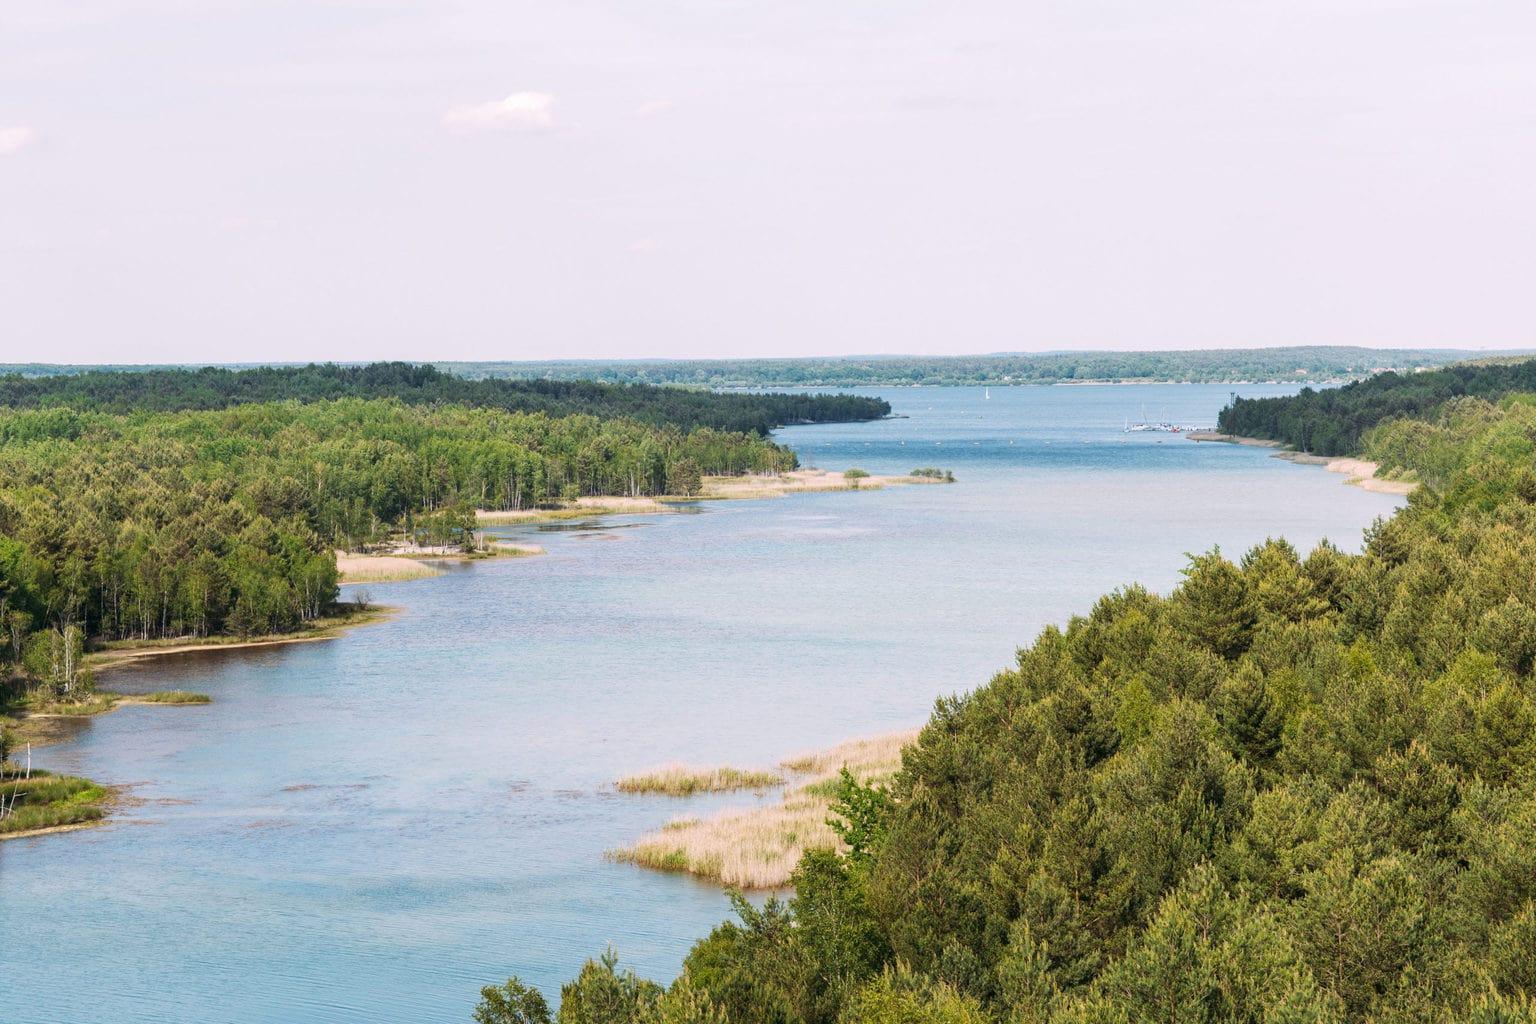 De kunstmatig aangelegde Senftenberger See in het Lausitzer Merenland